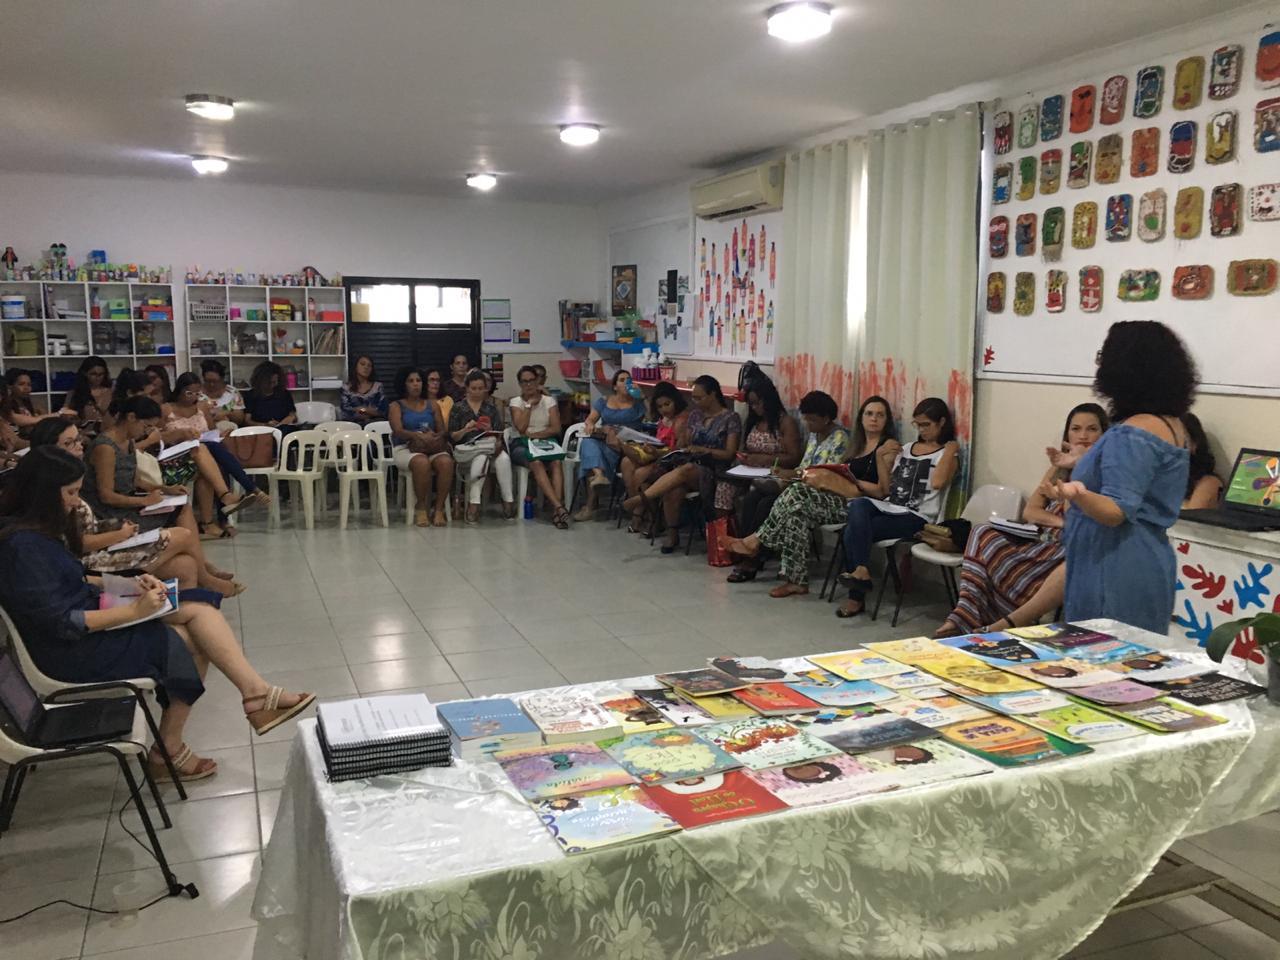 Grupo de Estudos da Escola Experimental discute Convivência Ética nas escolas